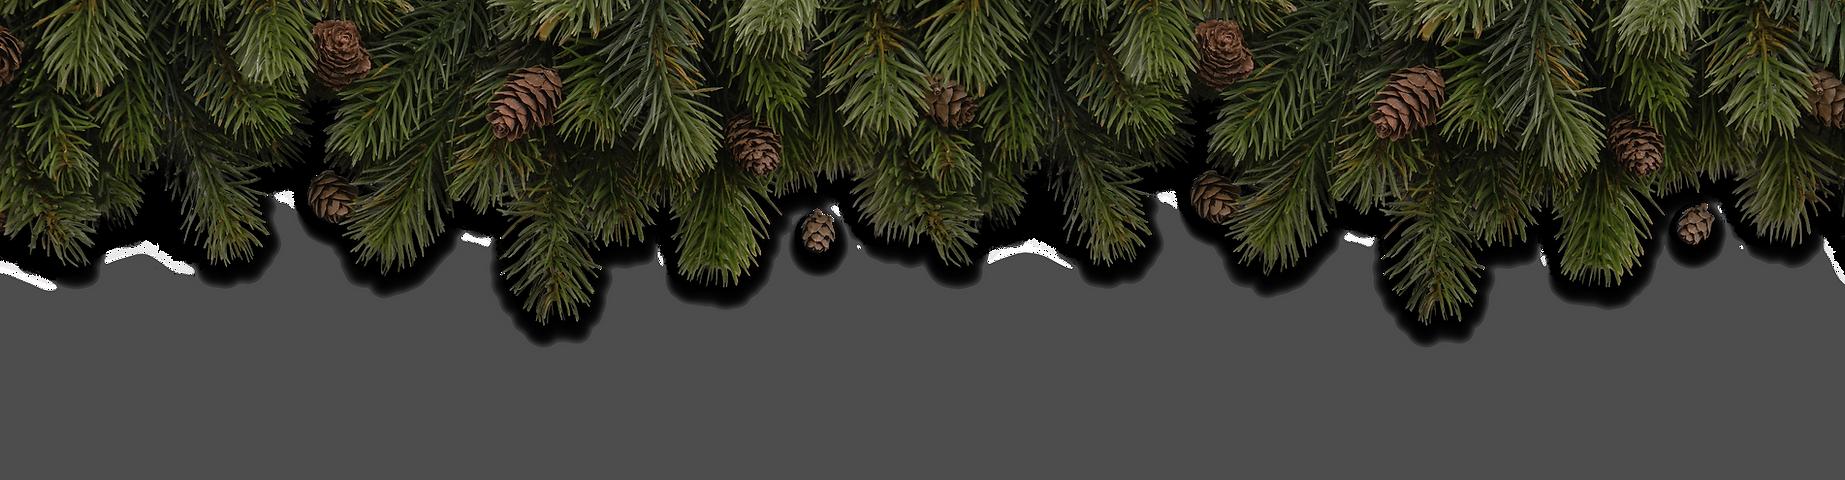 fir_branches.png